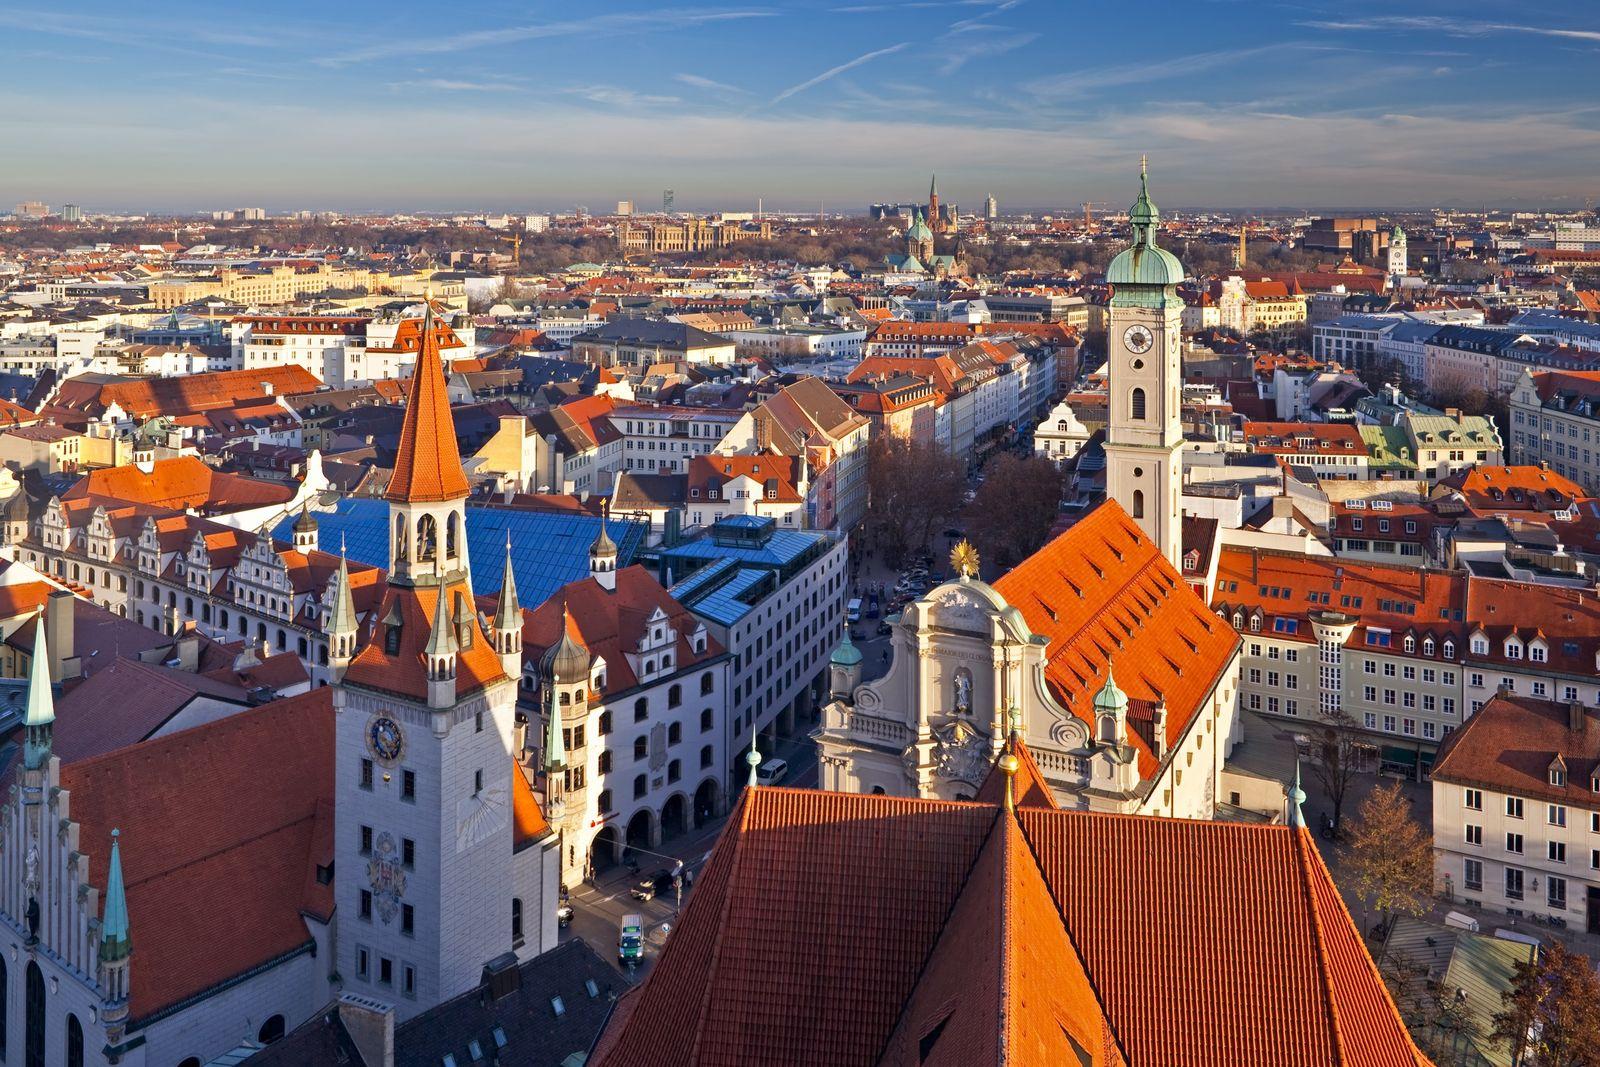 NICHT MEHR VERWENDEN! - München / Stadtansicht